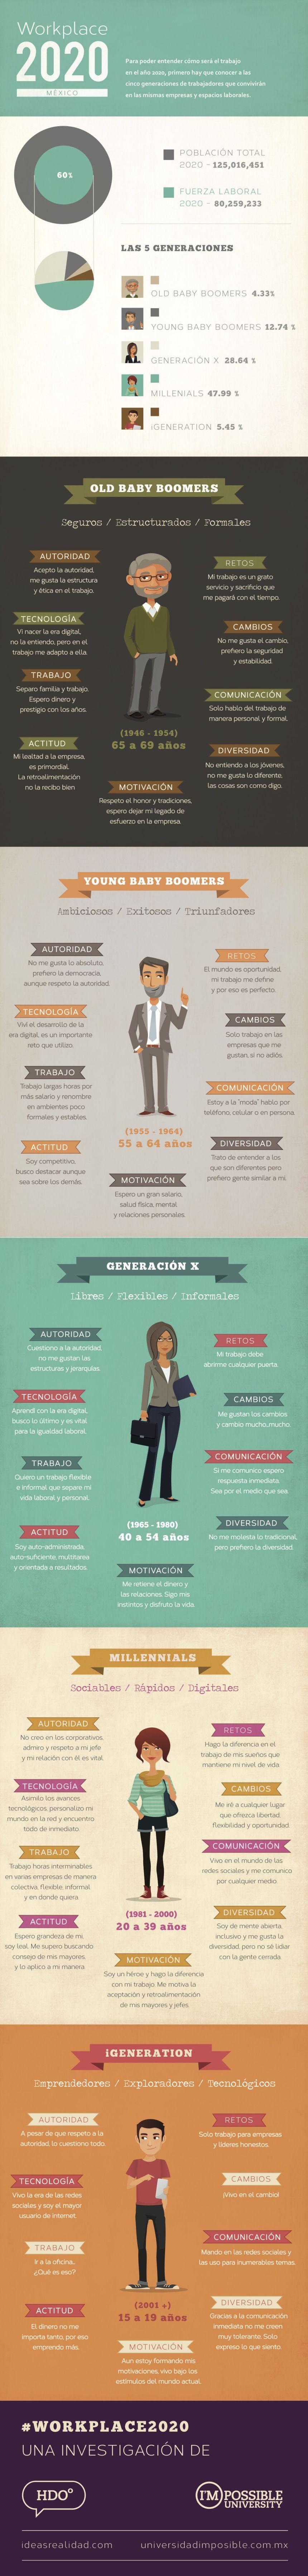 Cómo será el trabajo en México en 2020 infografia